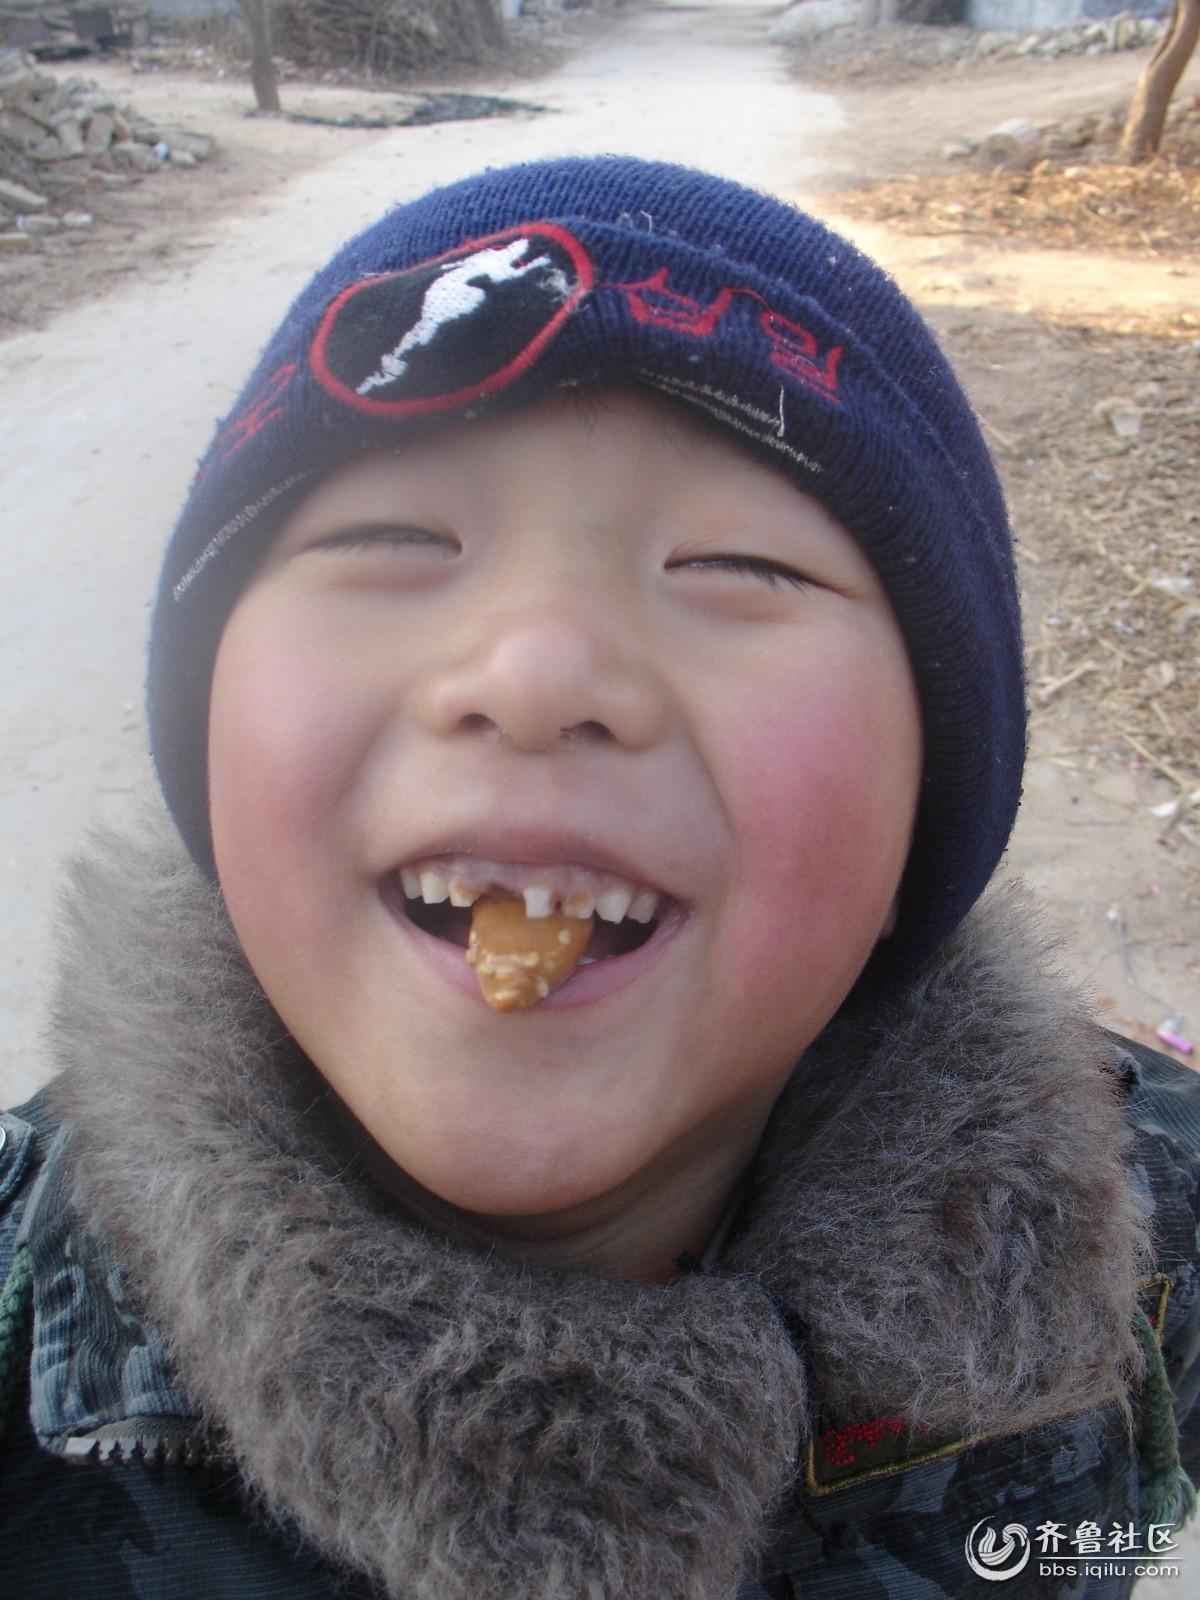 吃糖的小男孩